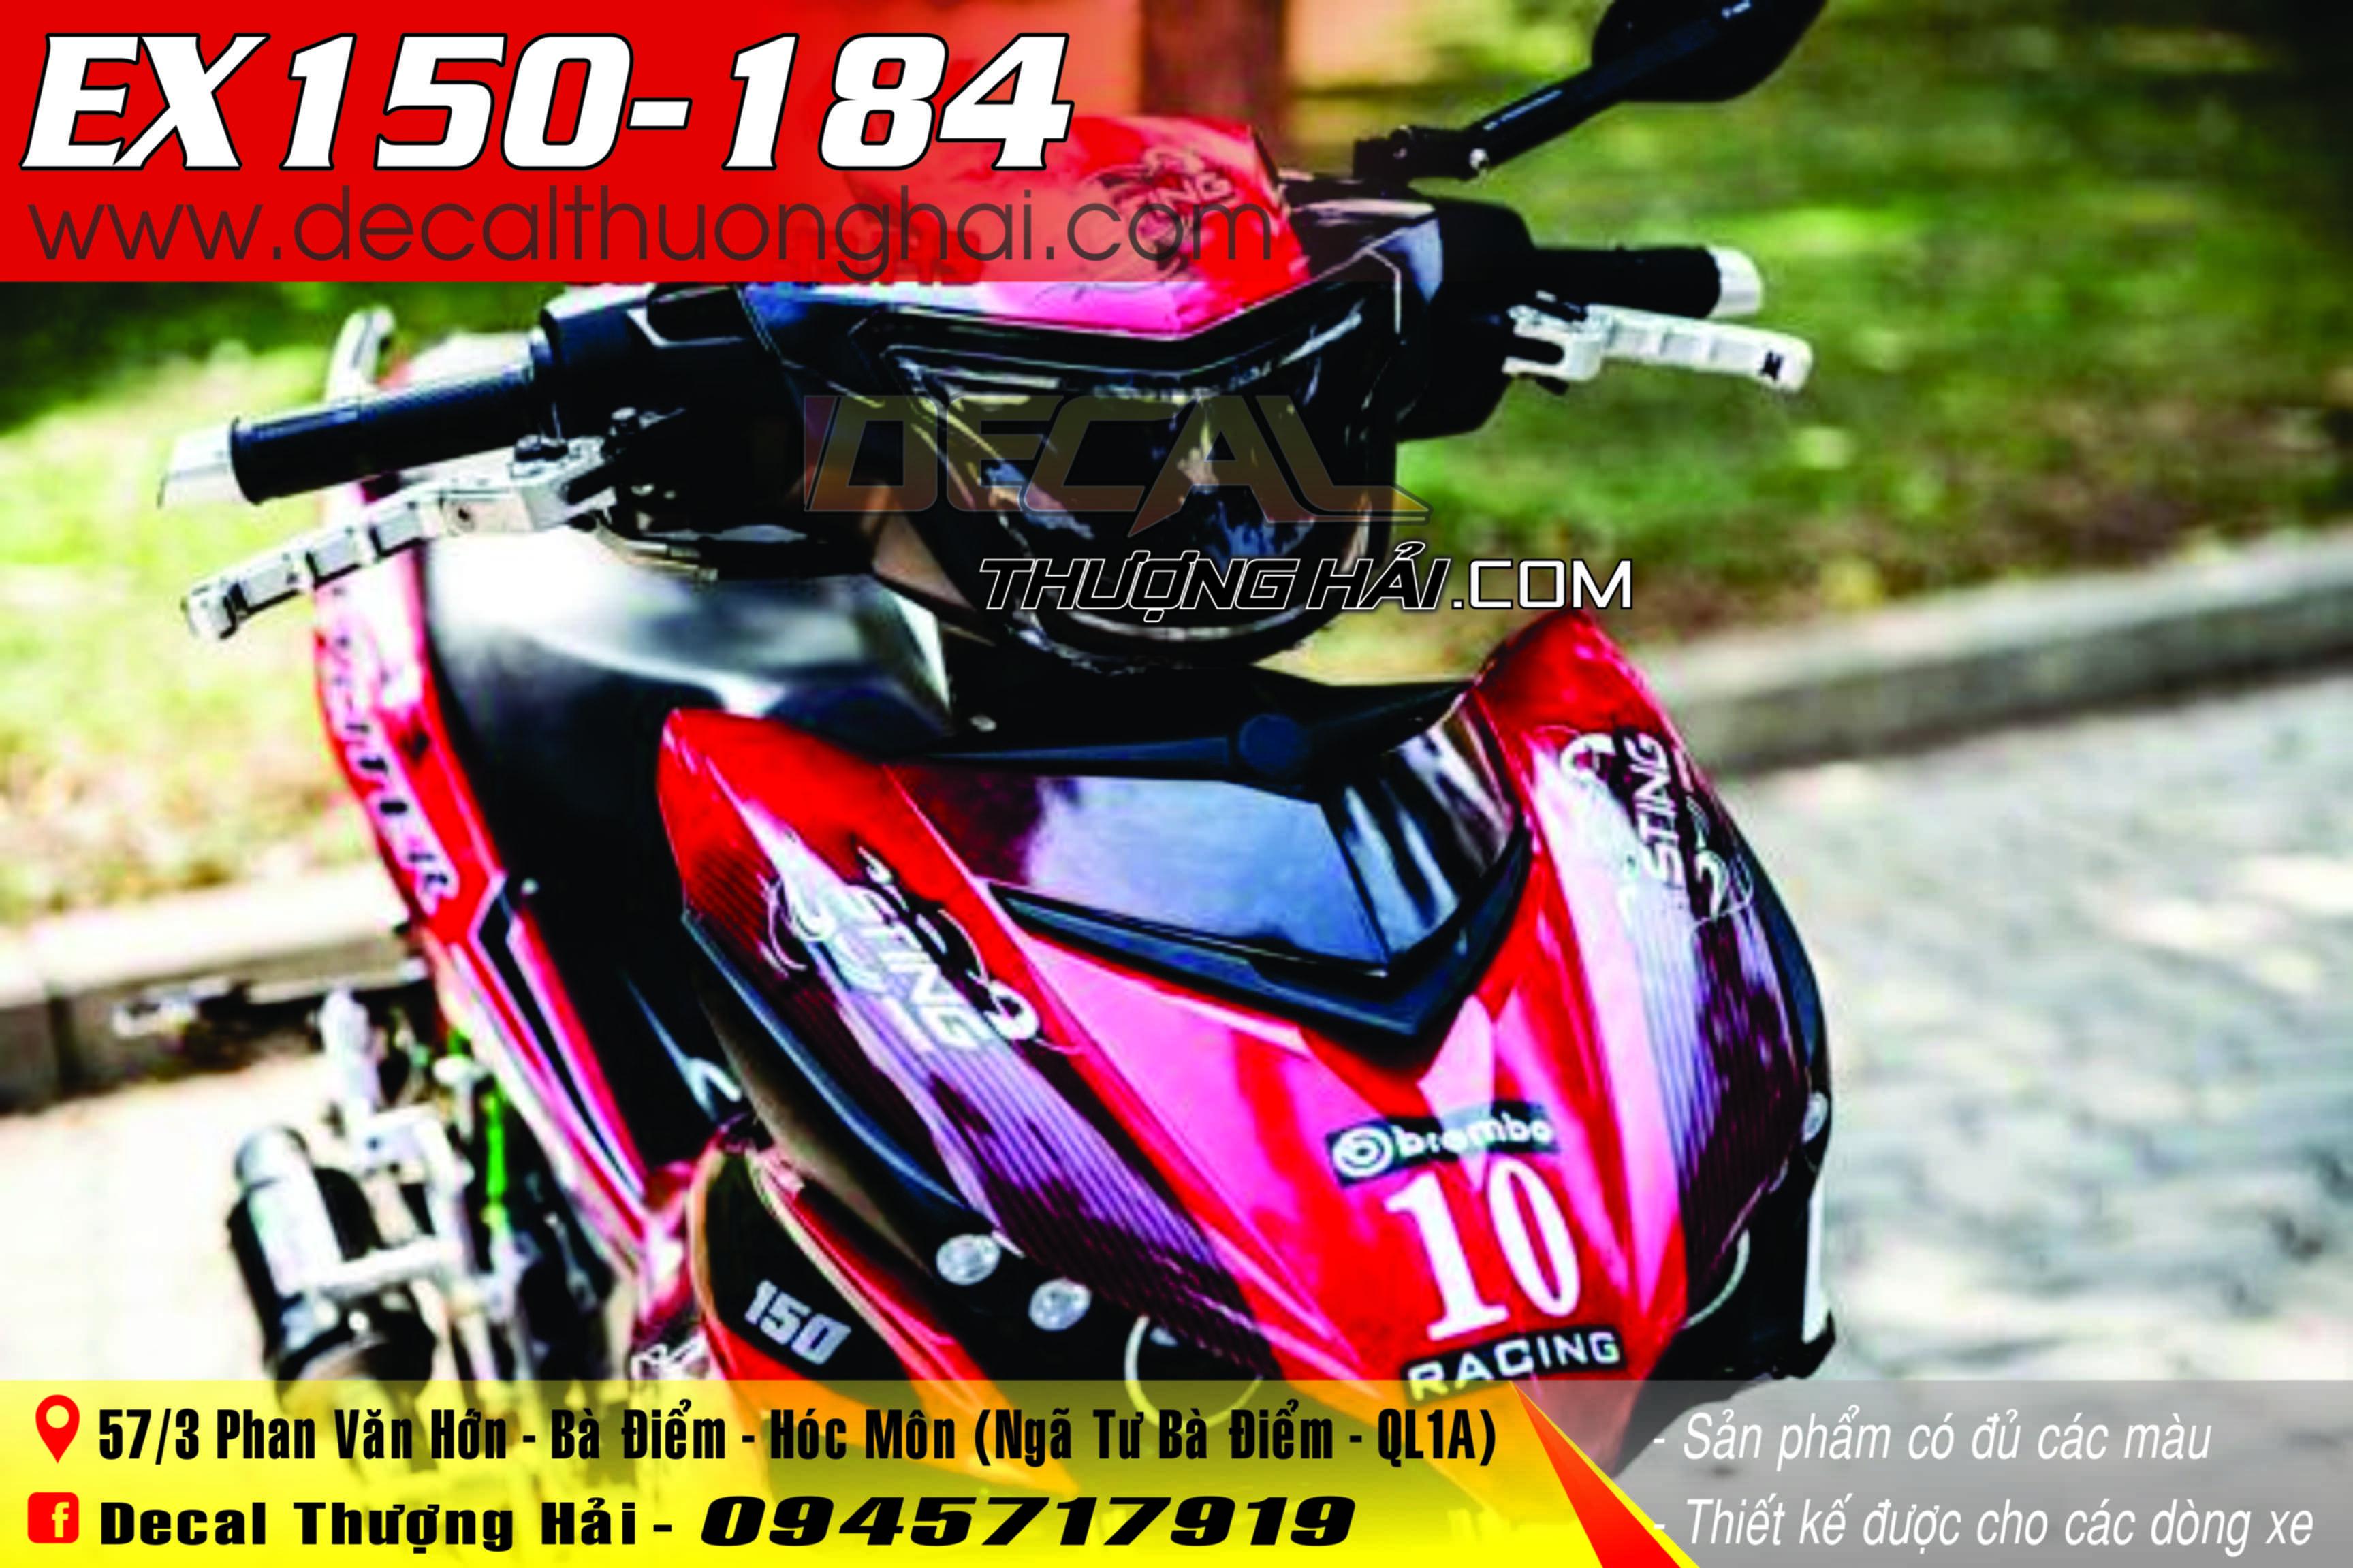 Tem Xe Exciter 150 Đỏ Đen - 184